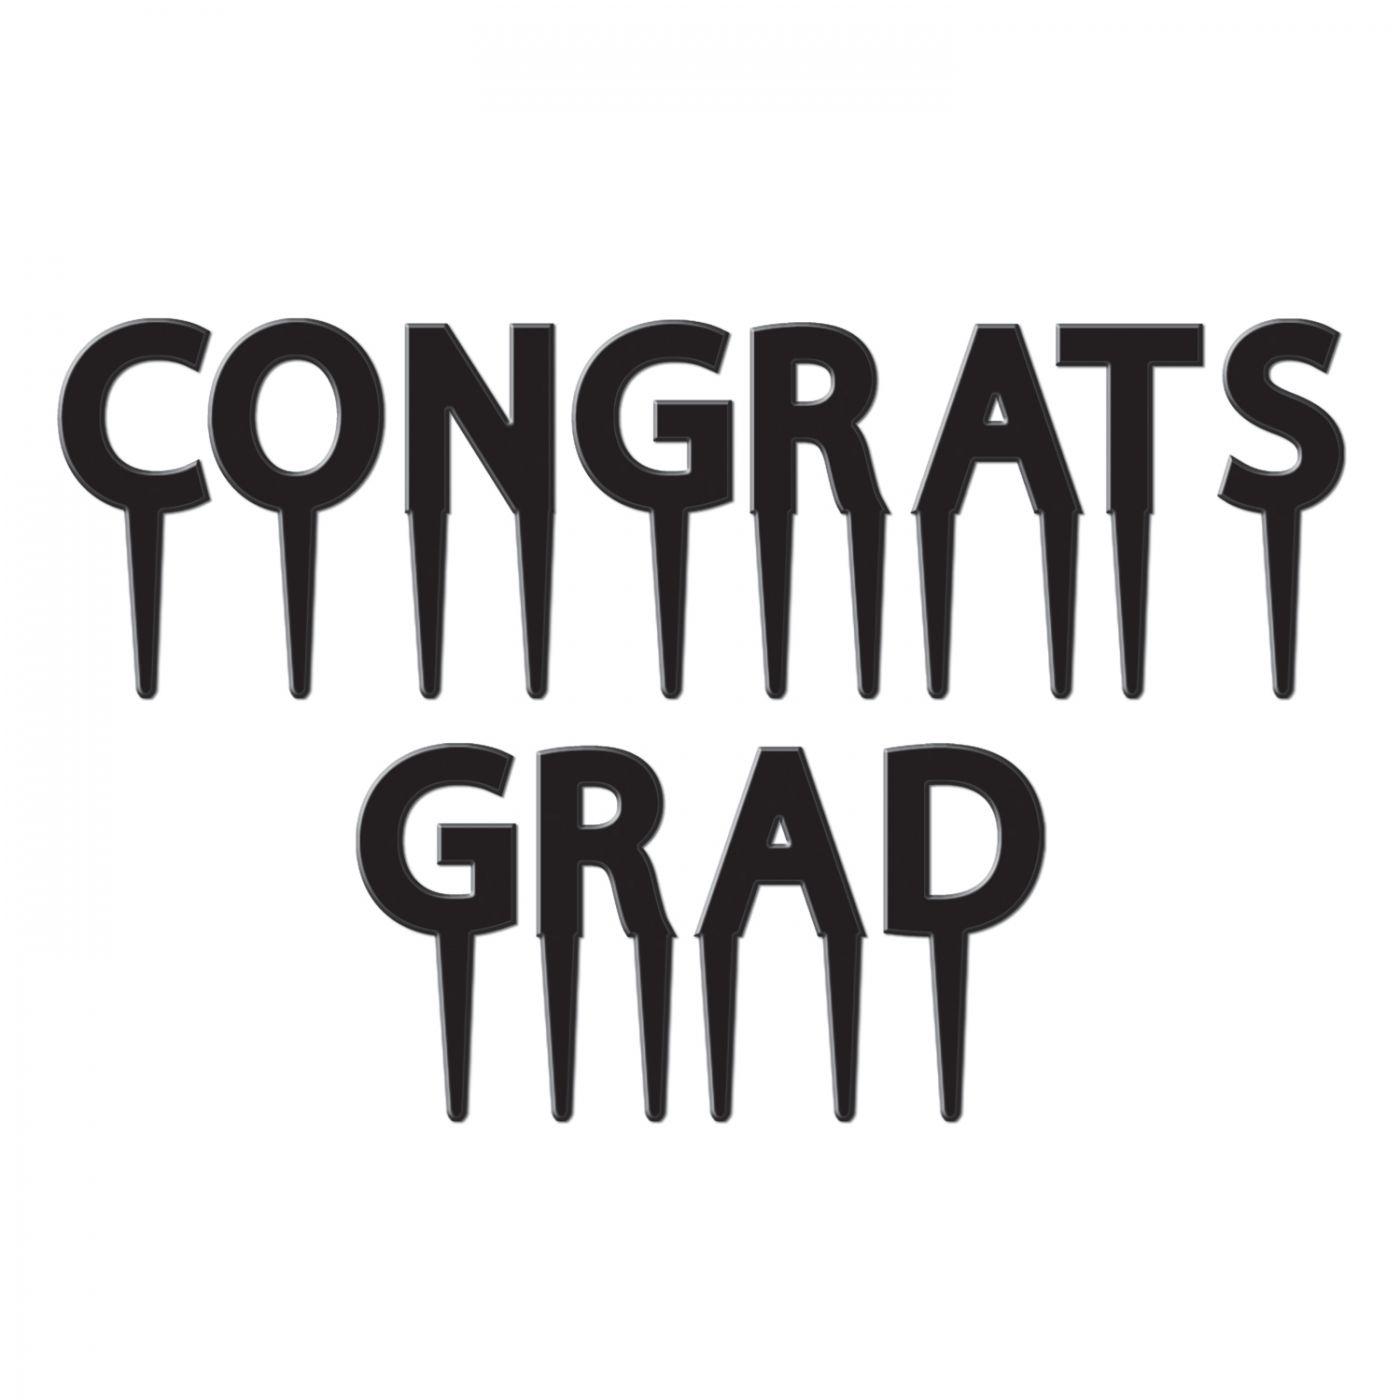 Congrats Grad Picks image